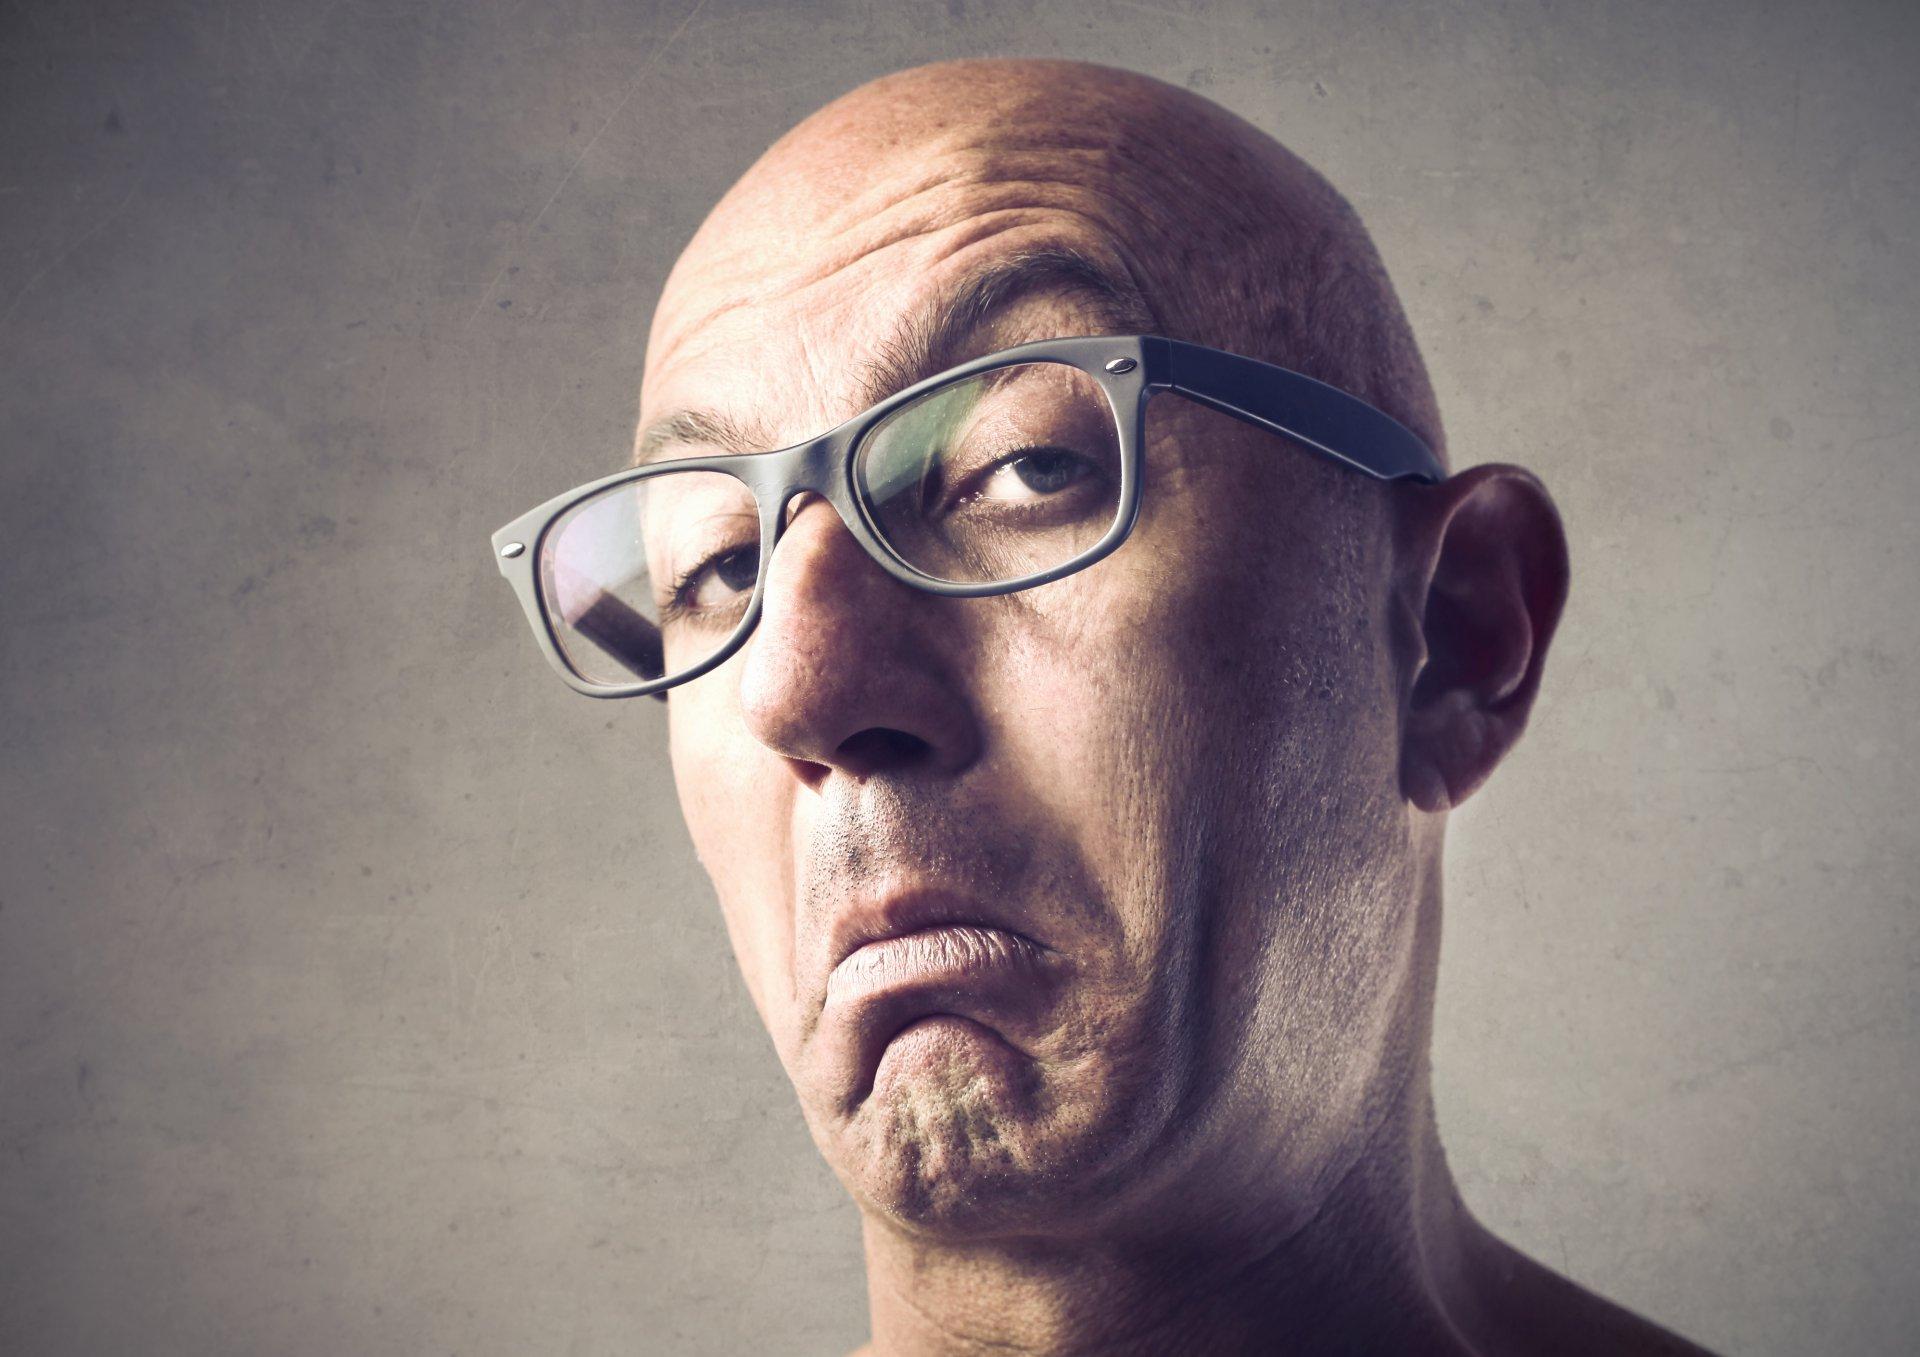 Прикольные картинки мужчин в очках